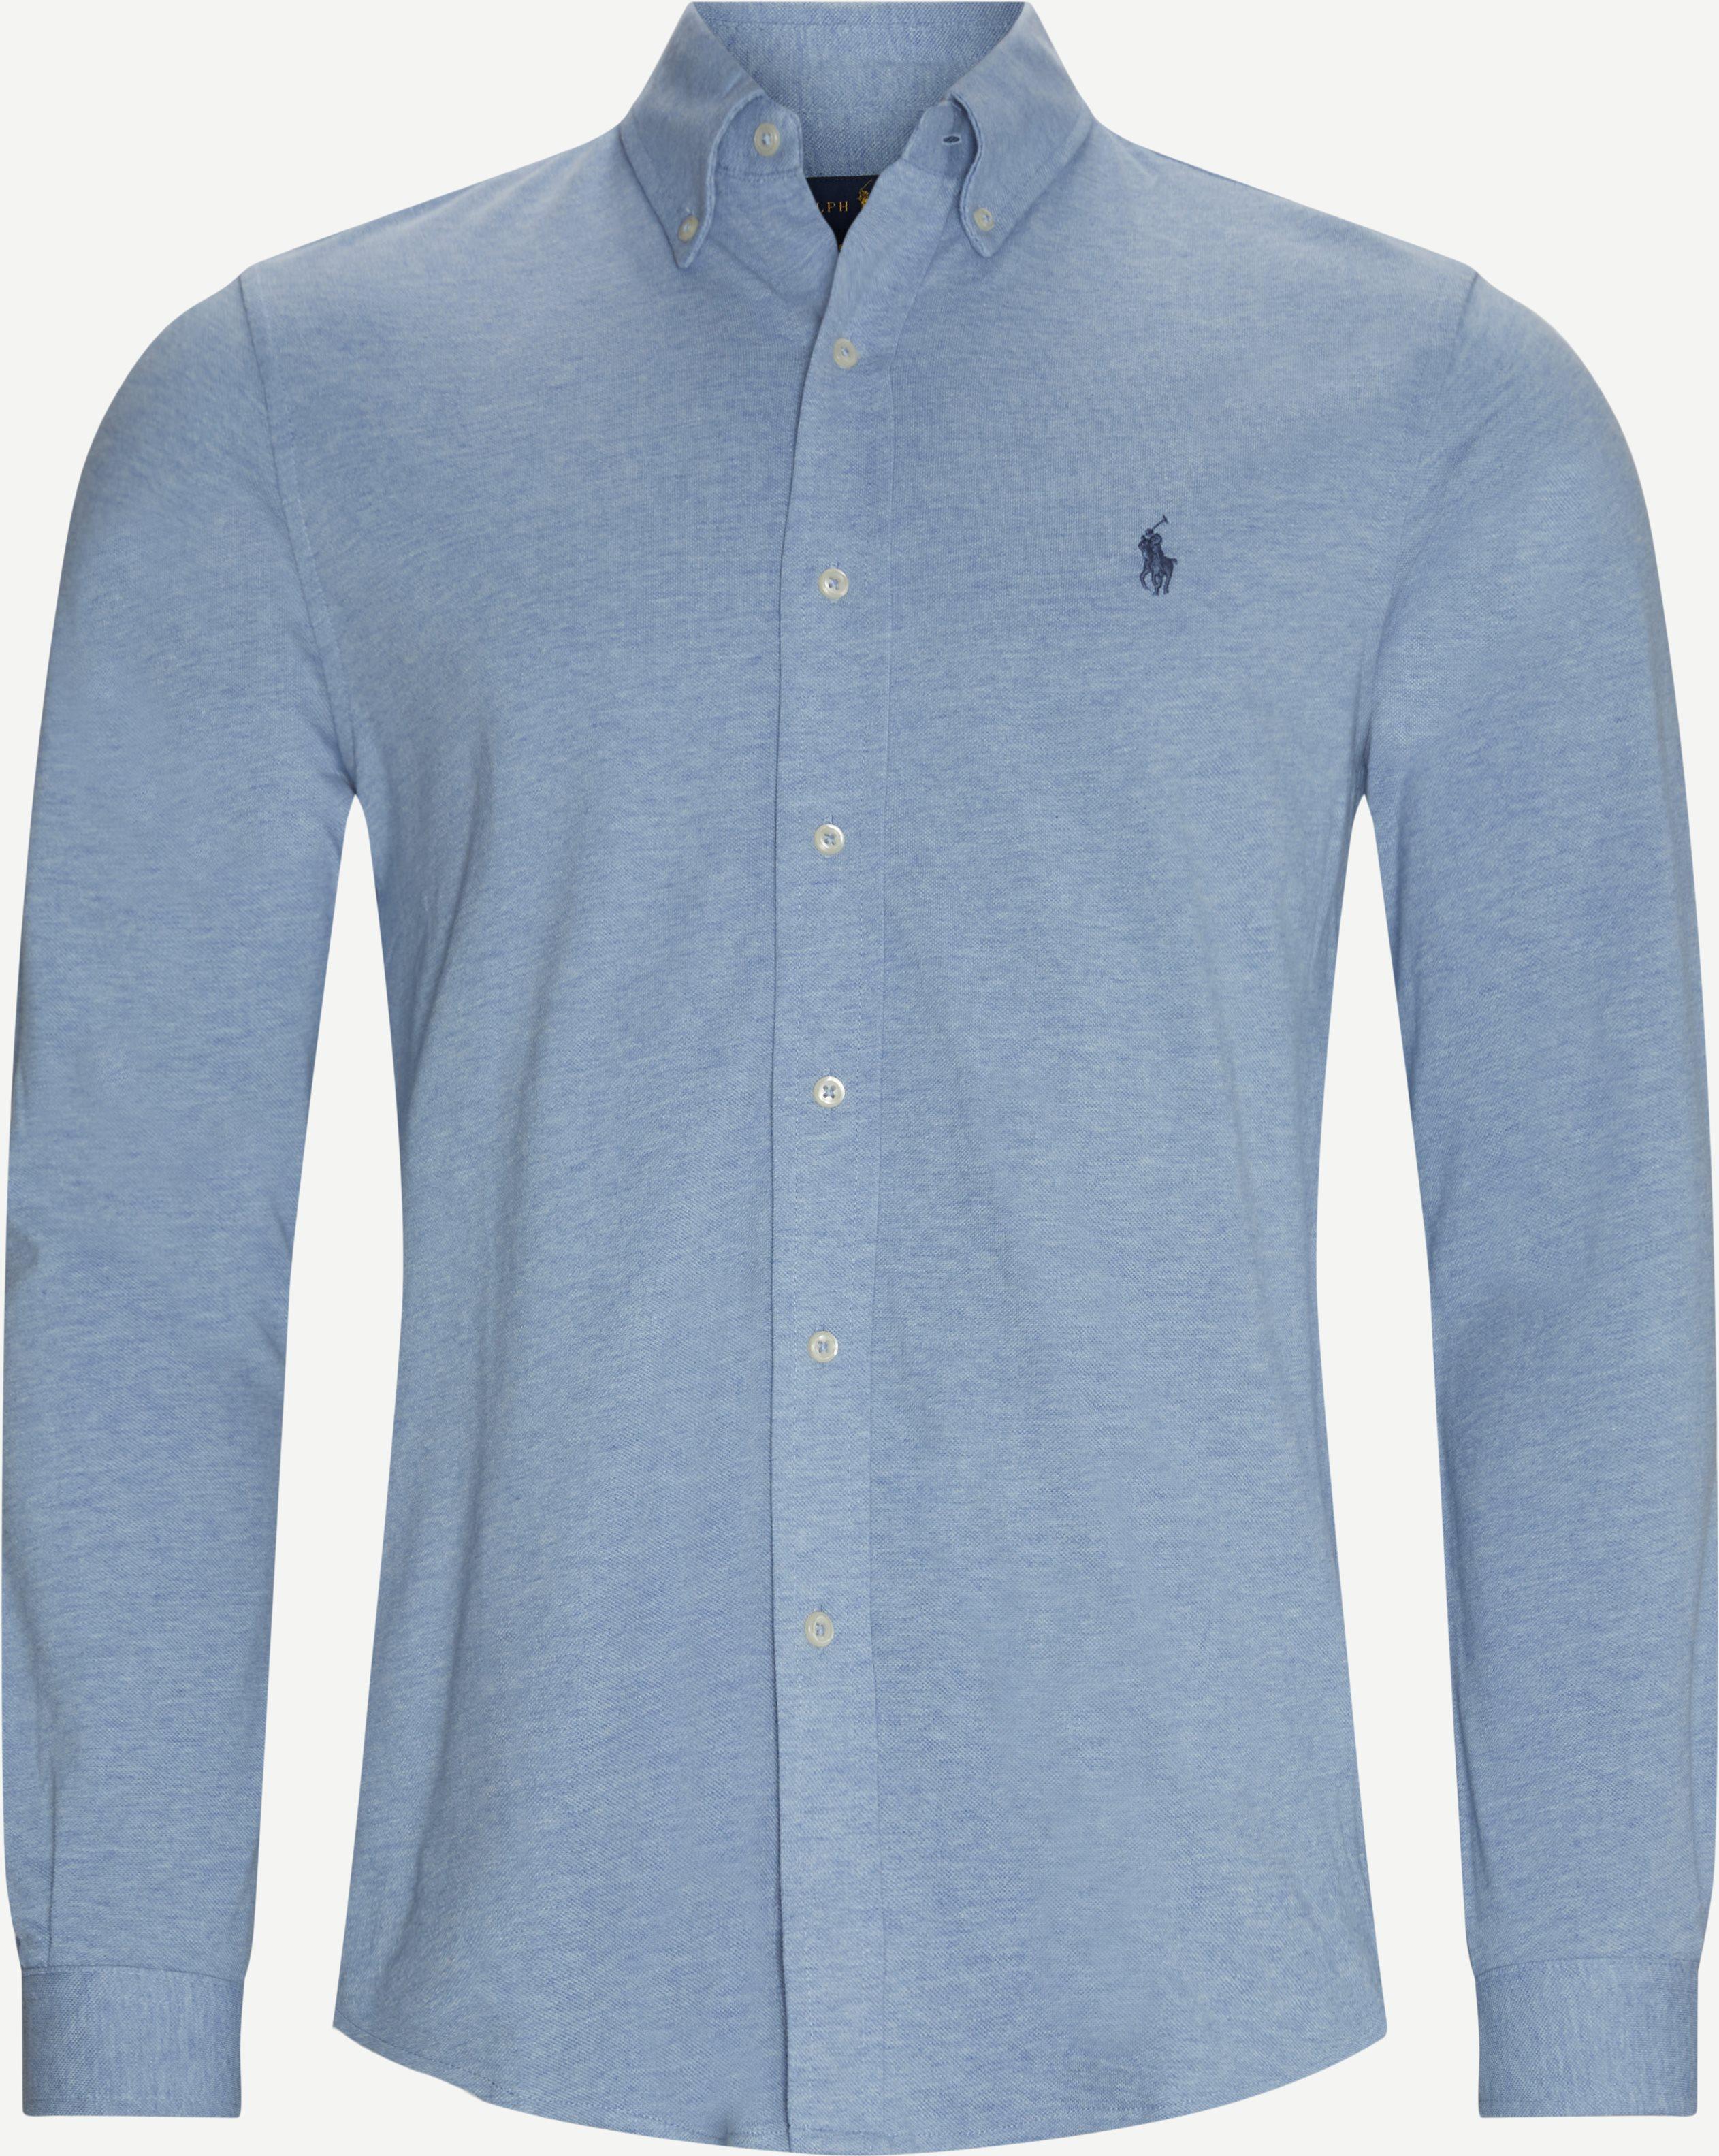 710654408 Skjorte - Skjortor - Regular - Blå